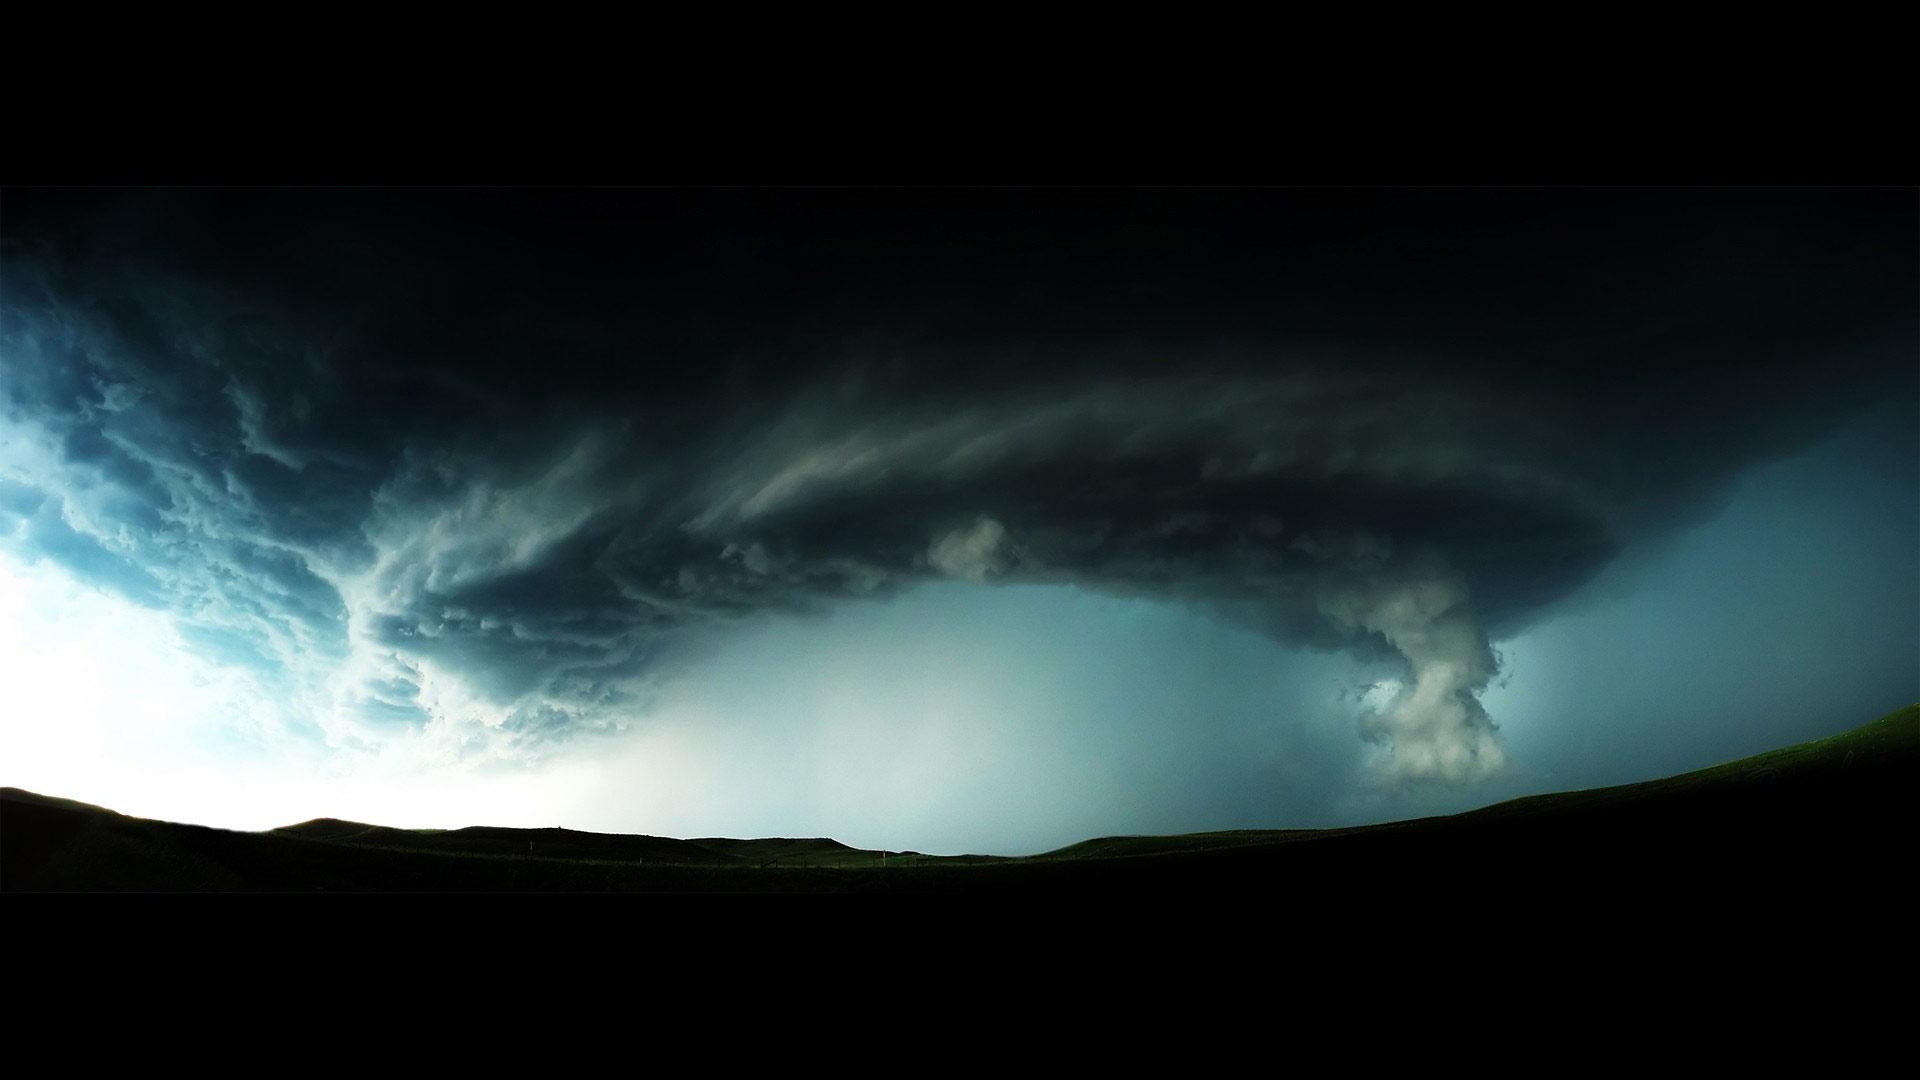 Thunderstorm Wallpaper Hd wallpaper wallpaper hd background 1920x1080